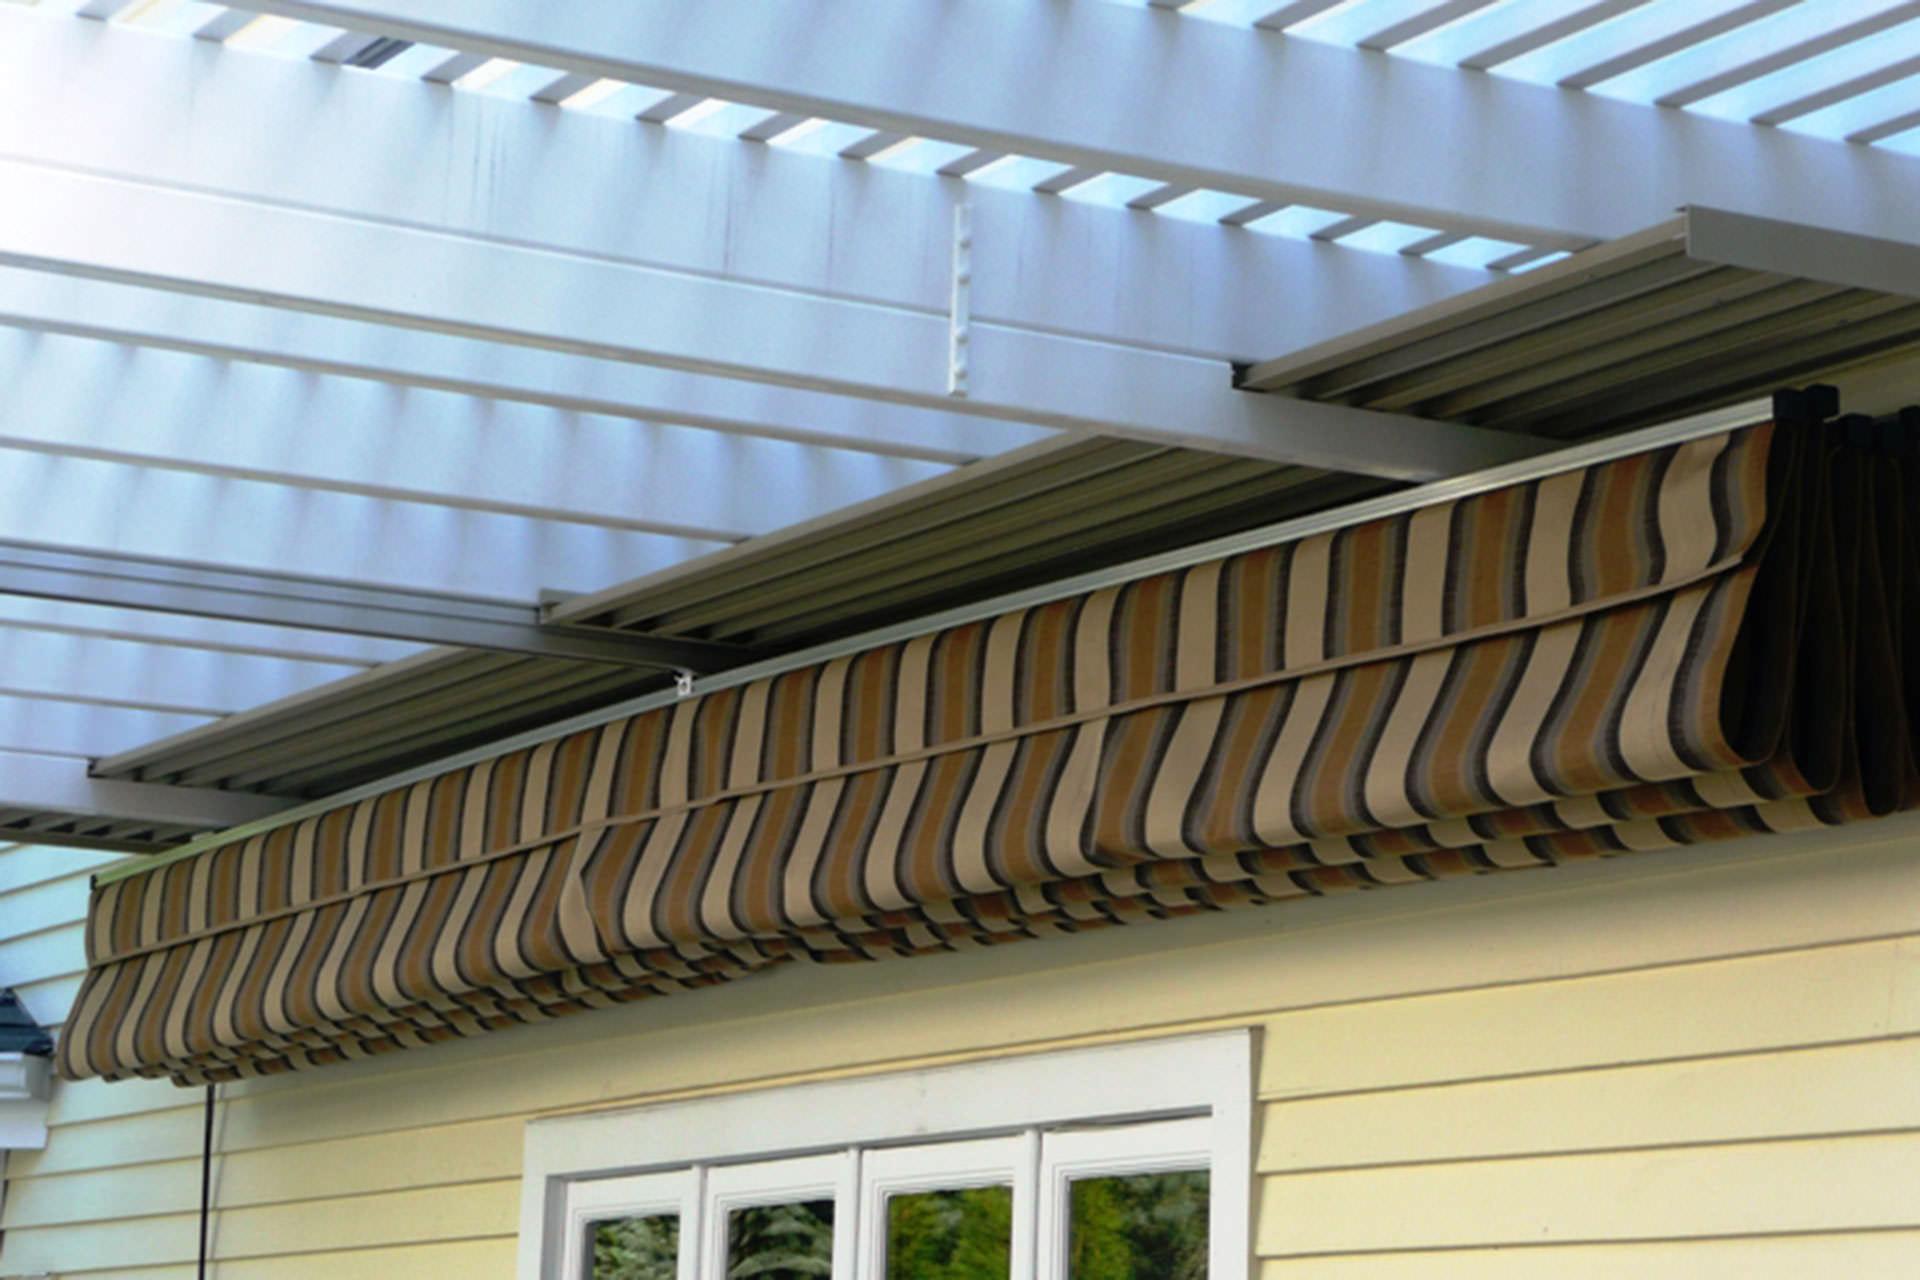 Pergola canopy ideas images - How to make a gazebo cover ...